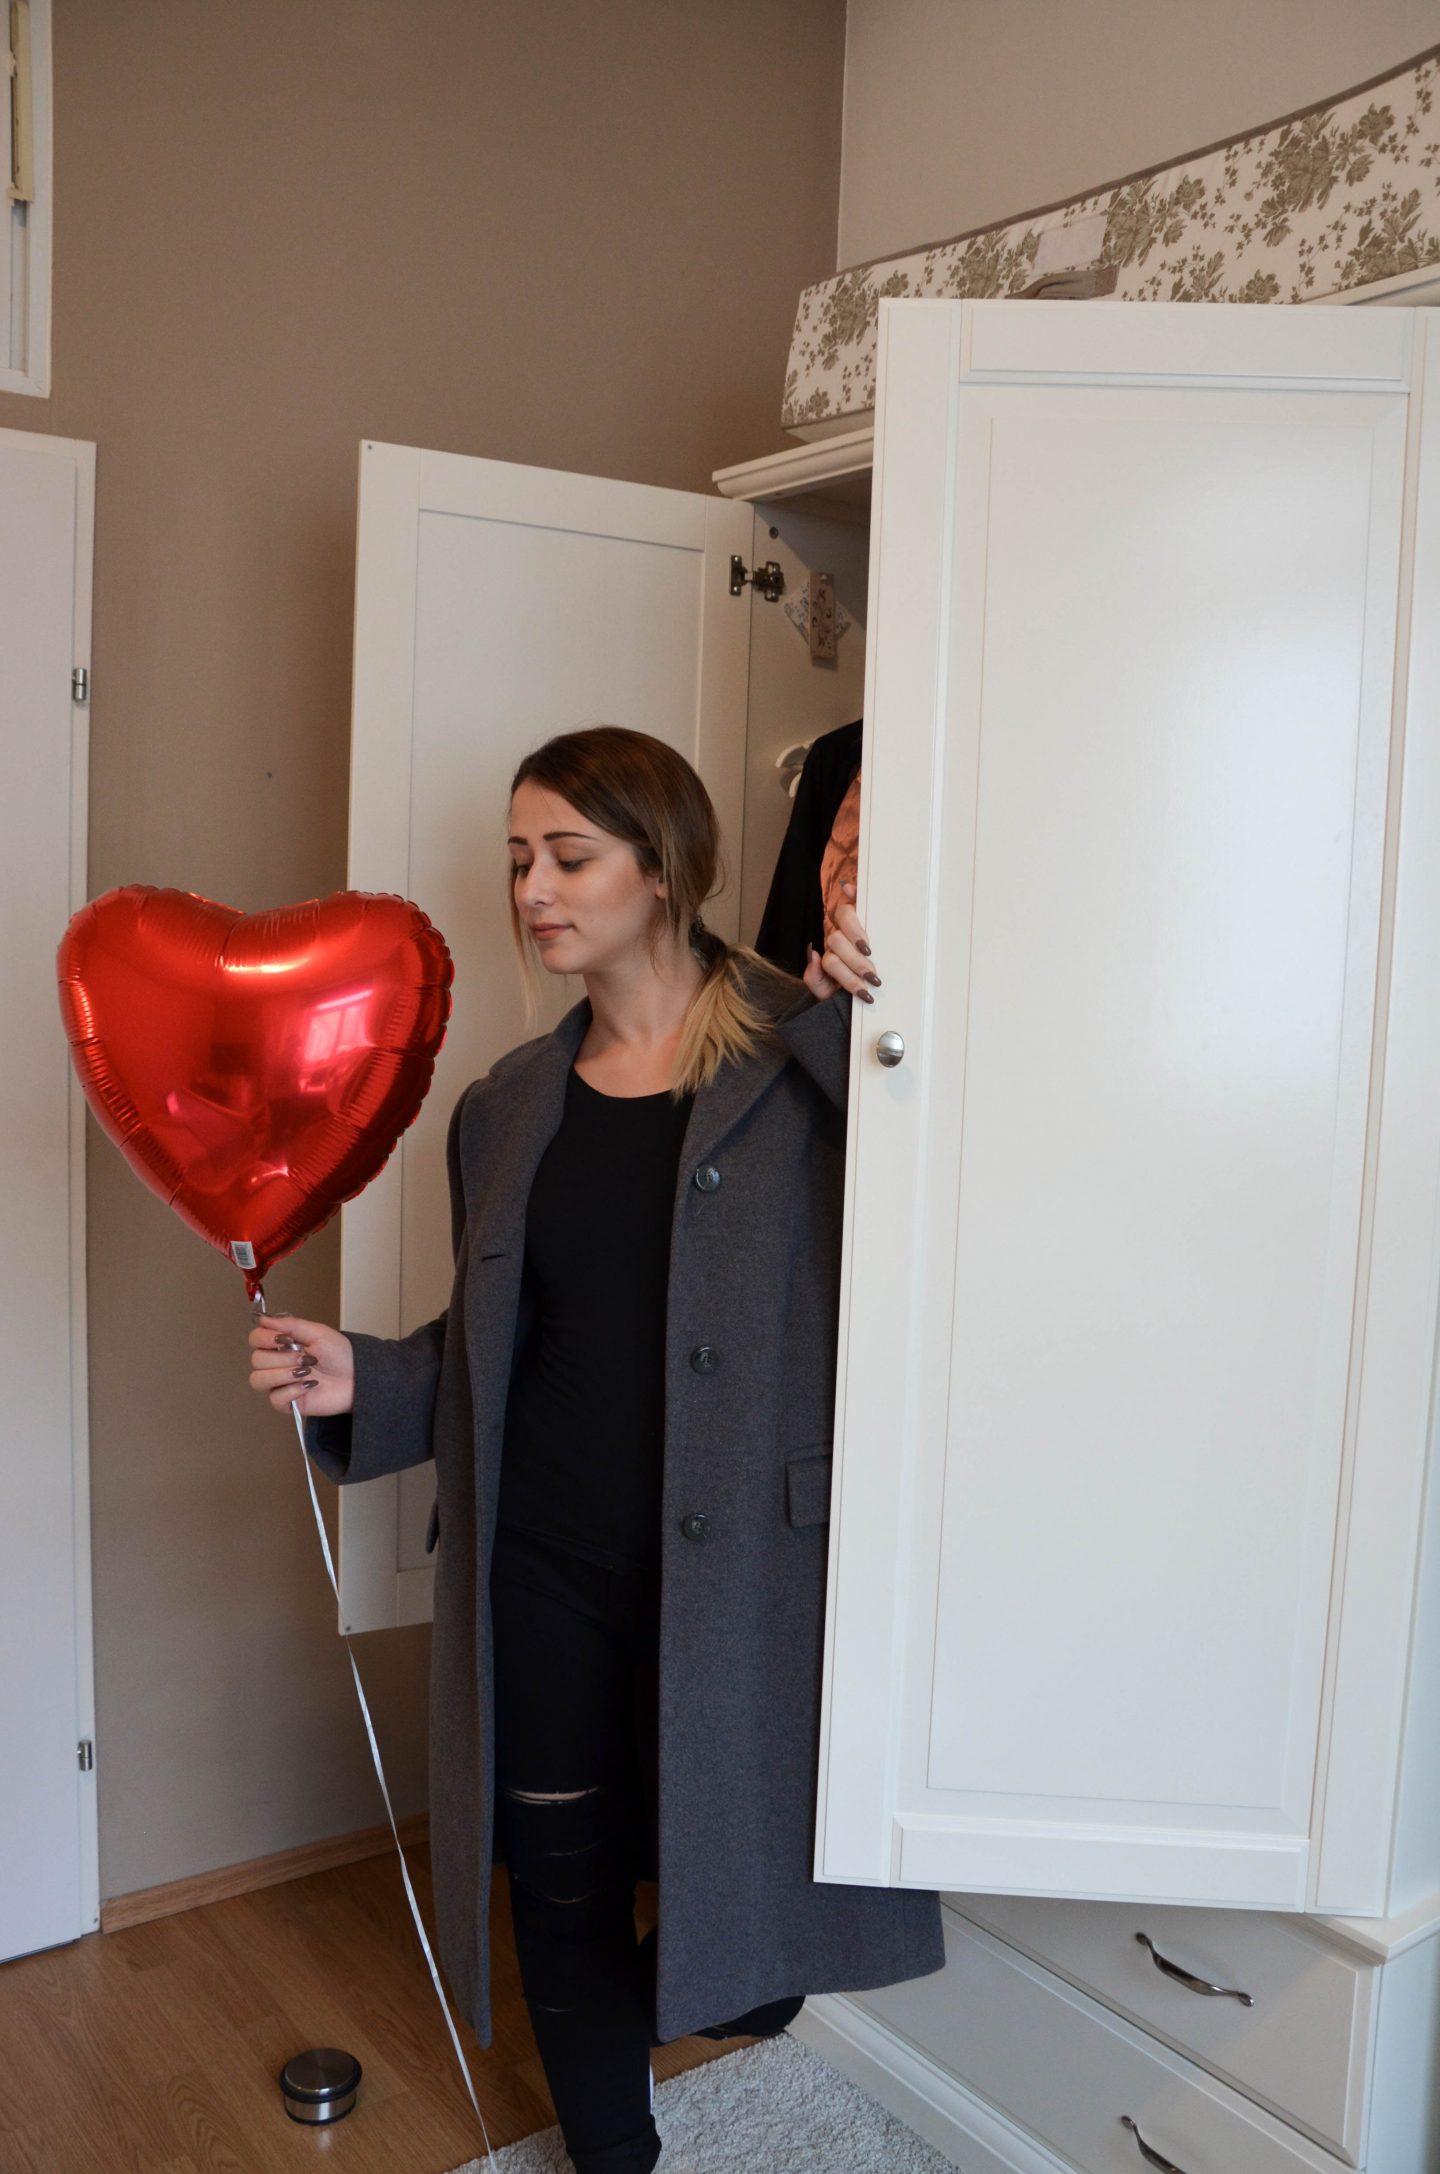 Herzballon vor Kleiderschrank nach Ausmisten